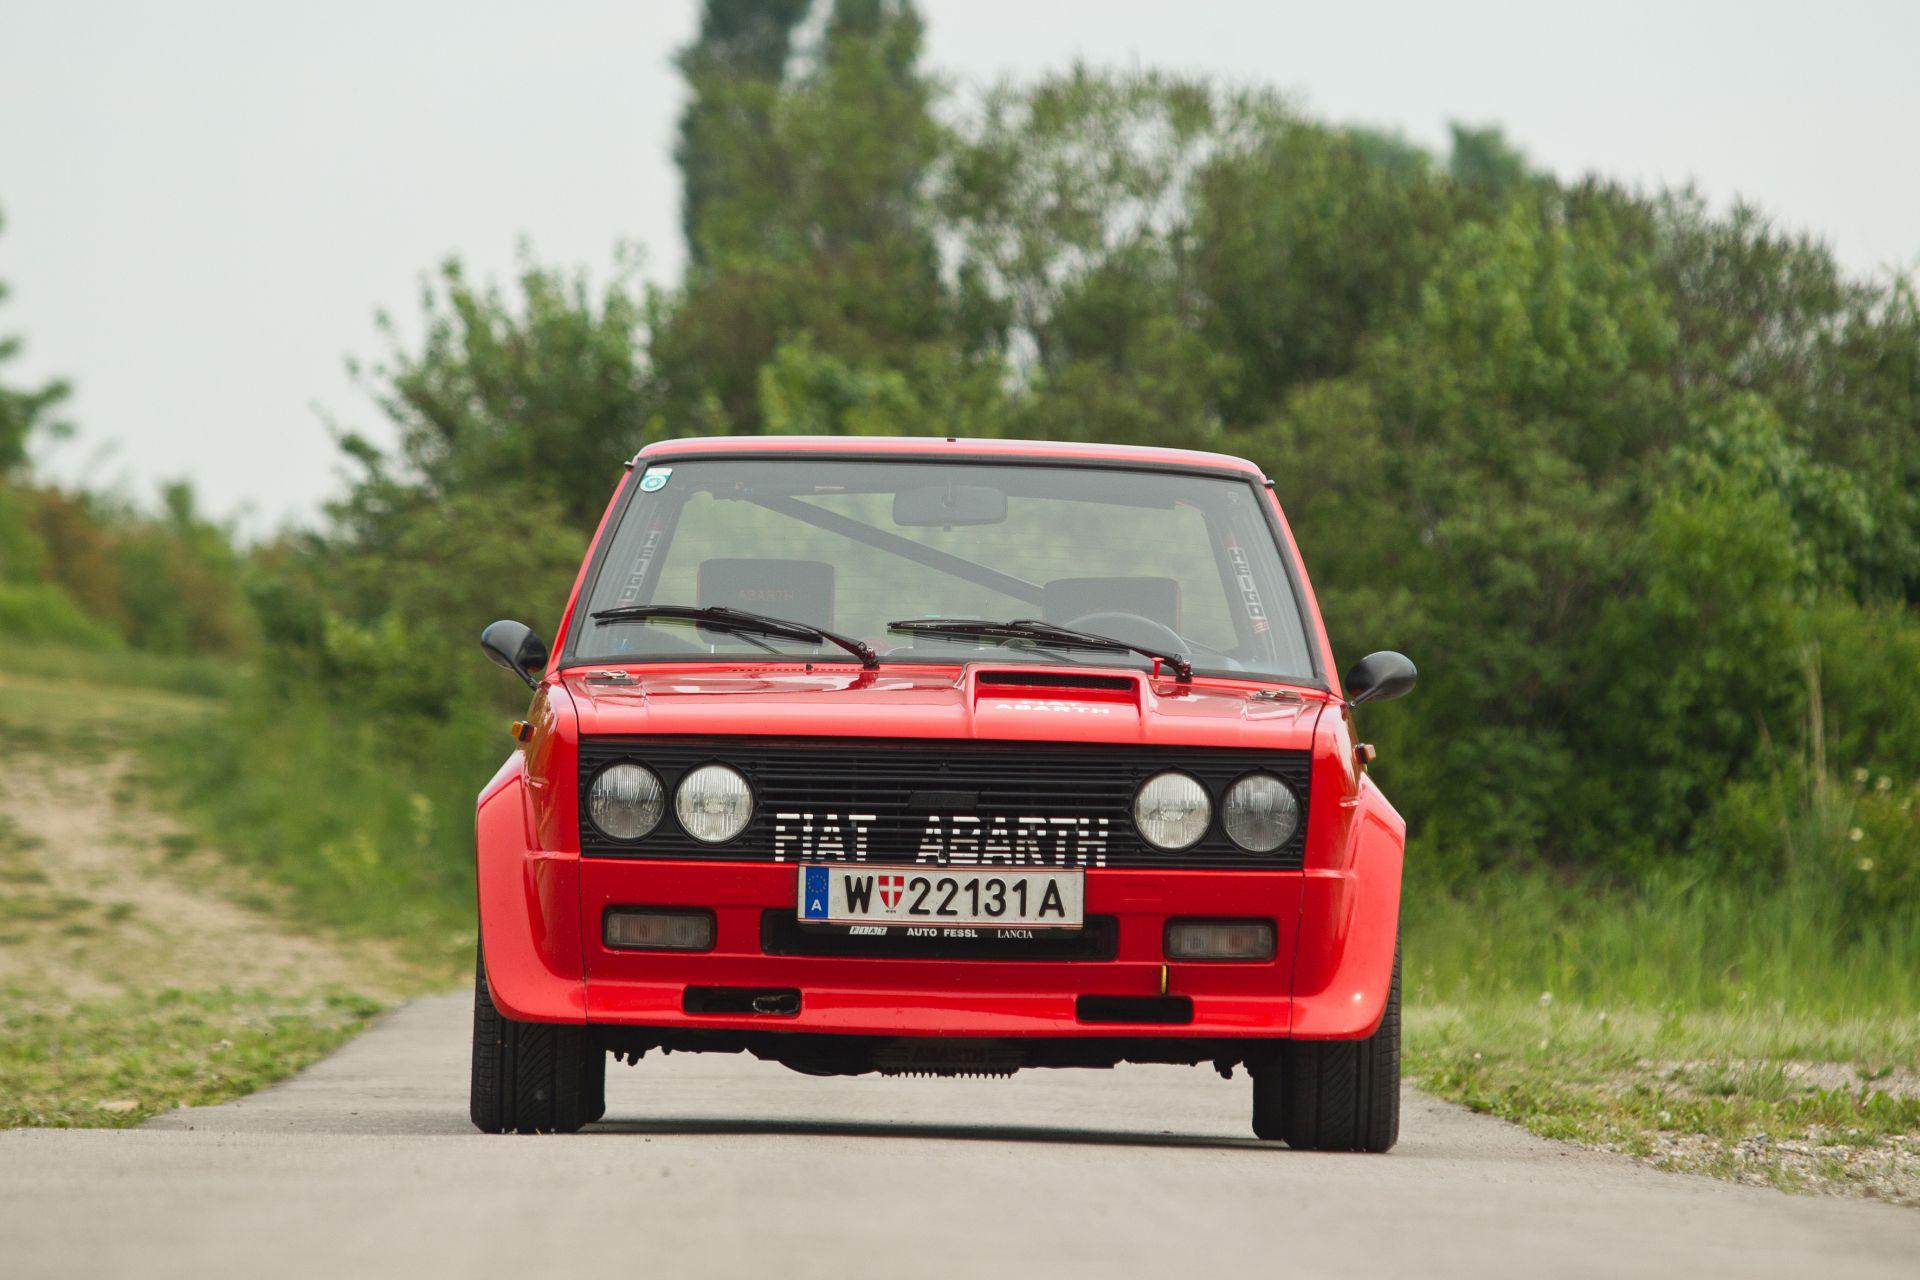 Exklusiv Fiat 131 Abarth Alles Auto